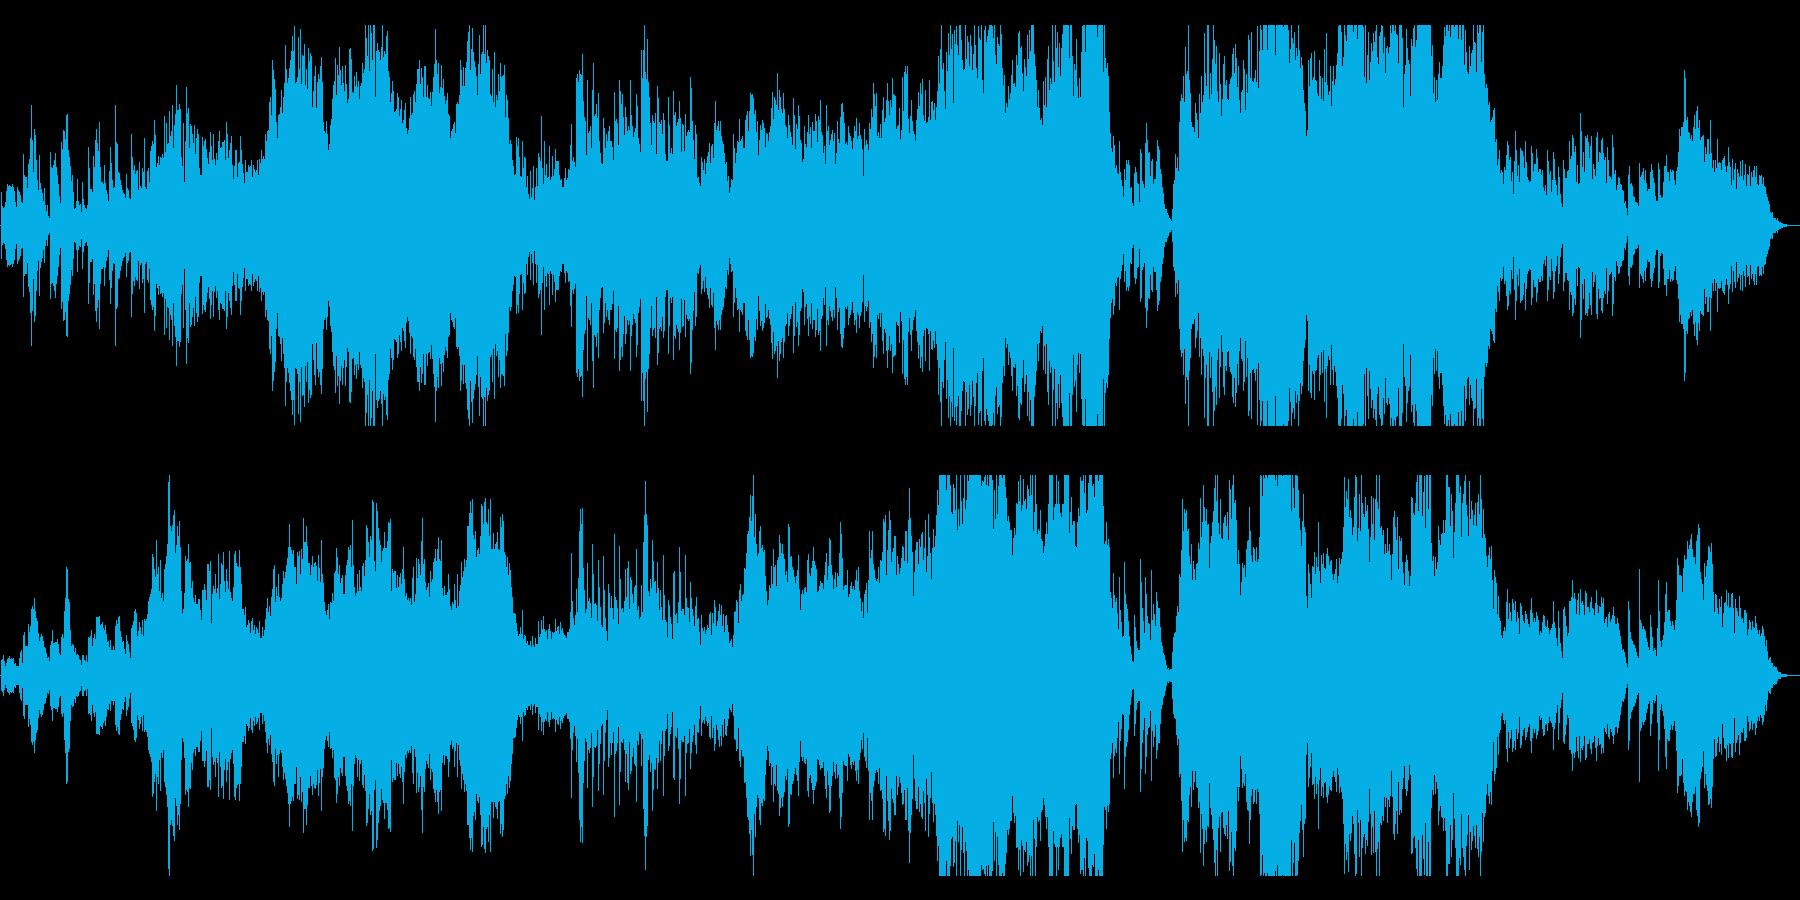 美しく神秘的なオーケストラファンタジーの再生済みの波形